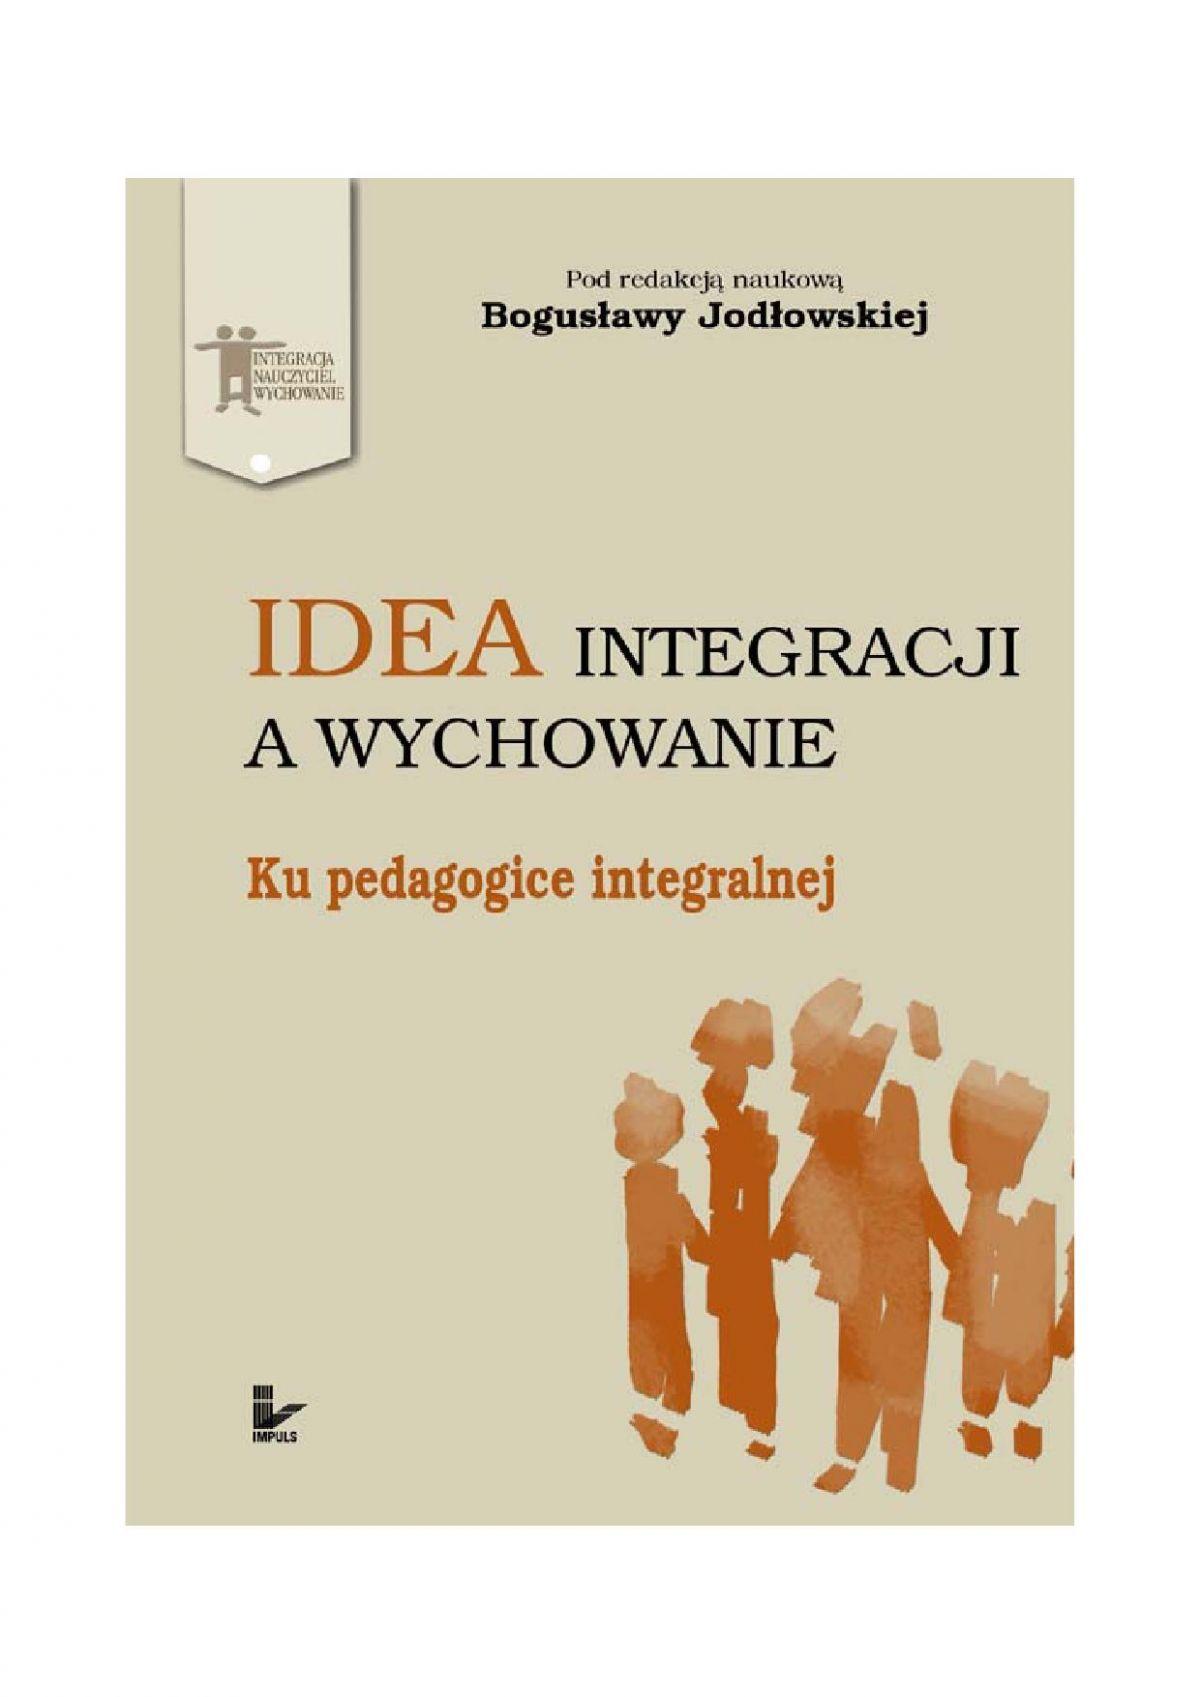 Idea integracji a wychowanie. Ku pedagogice integralnej - Ebook (Książka na Kindle) do pobrania w formacie MOBI